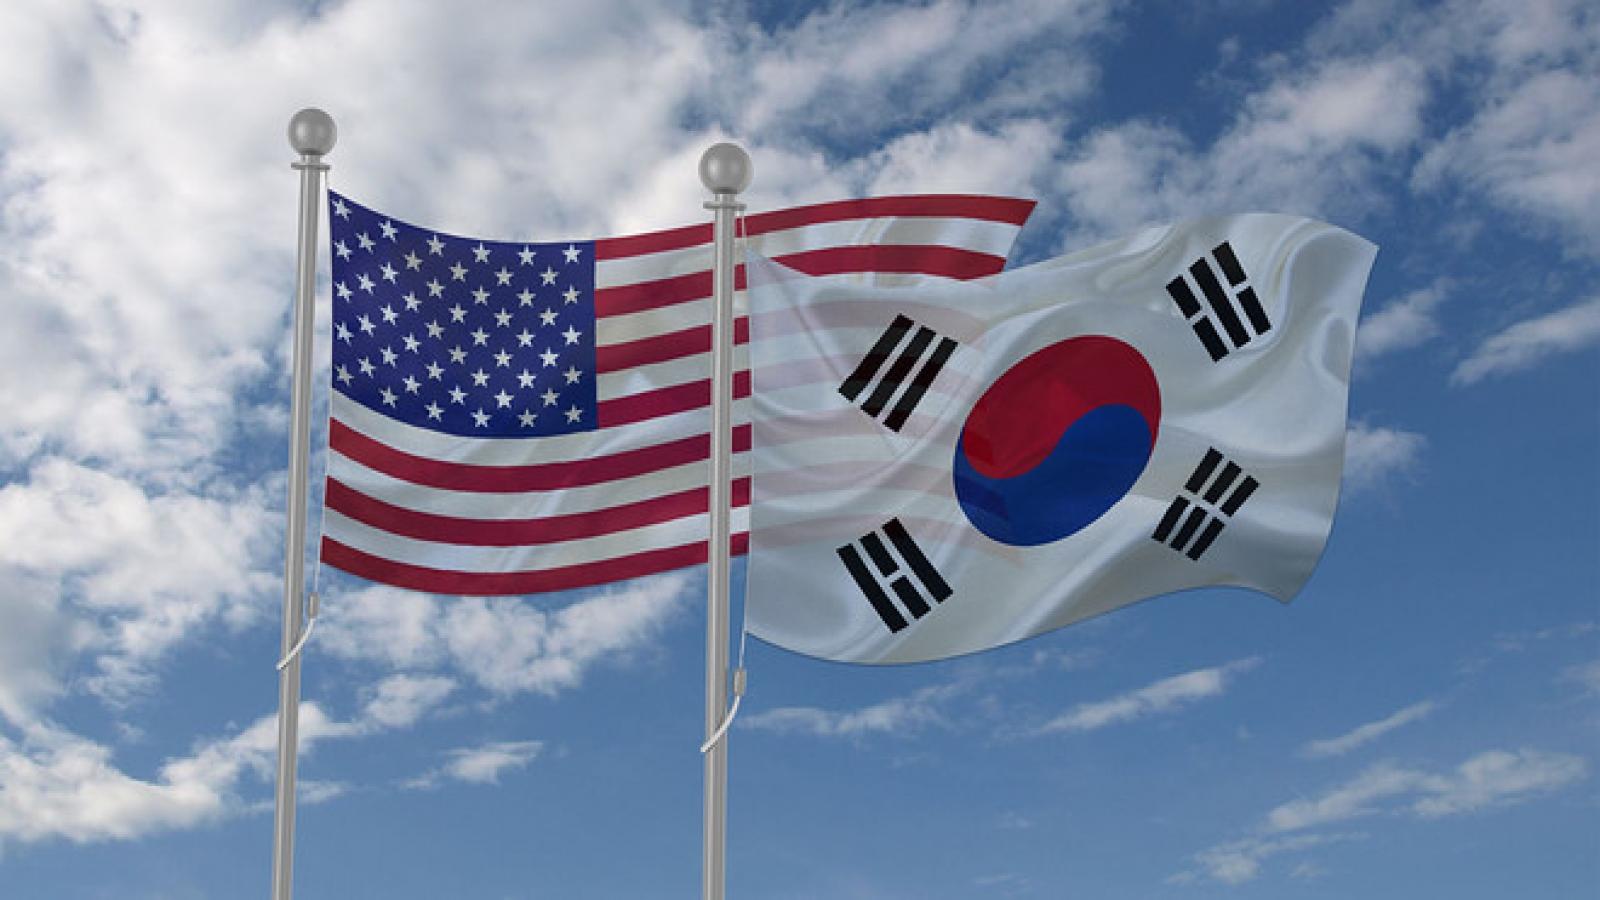 Mỹ và Hàn Quốc ủng hộ quan điểm của ASEAN về Ấn Độ Dương - Thái Bình Dương